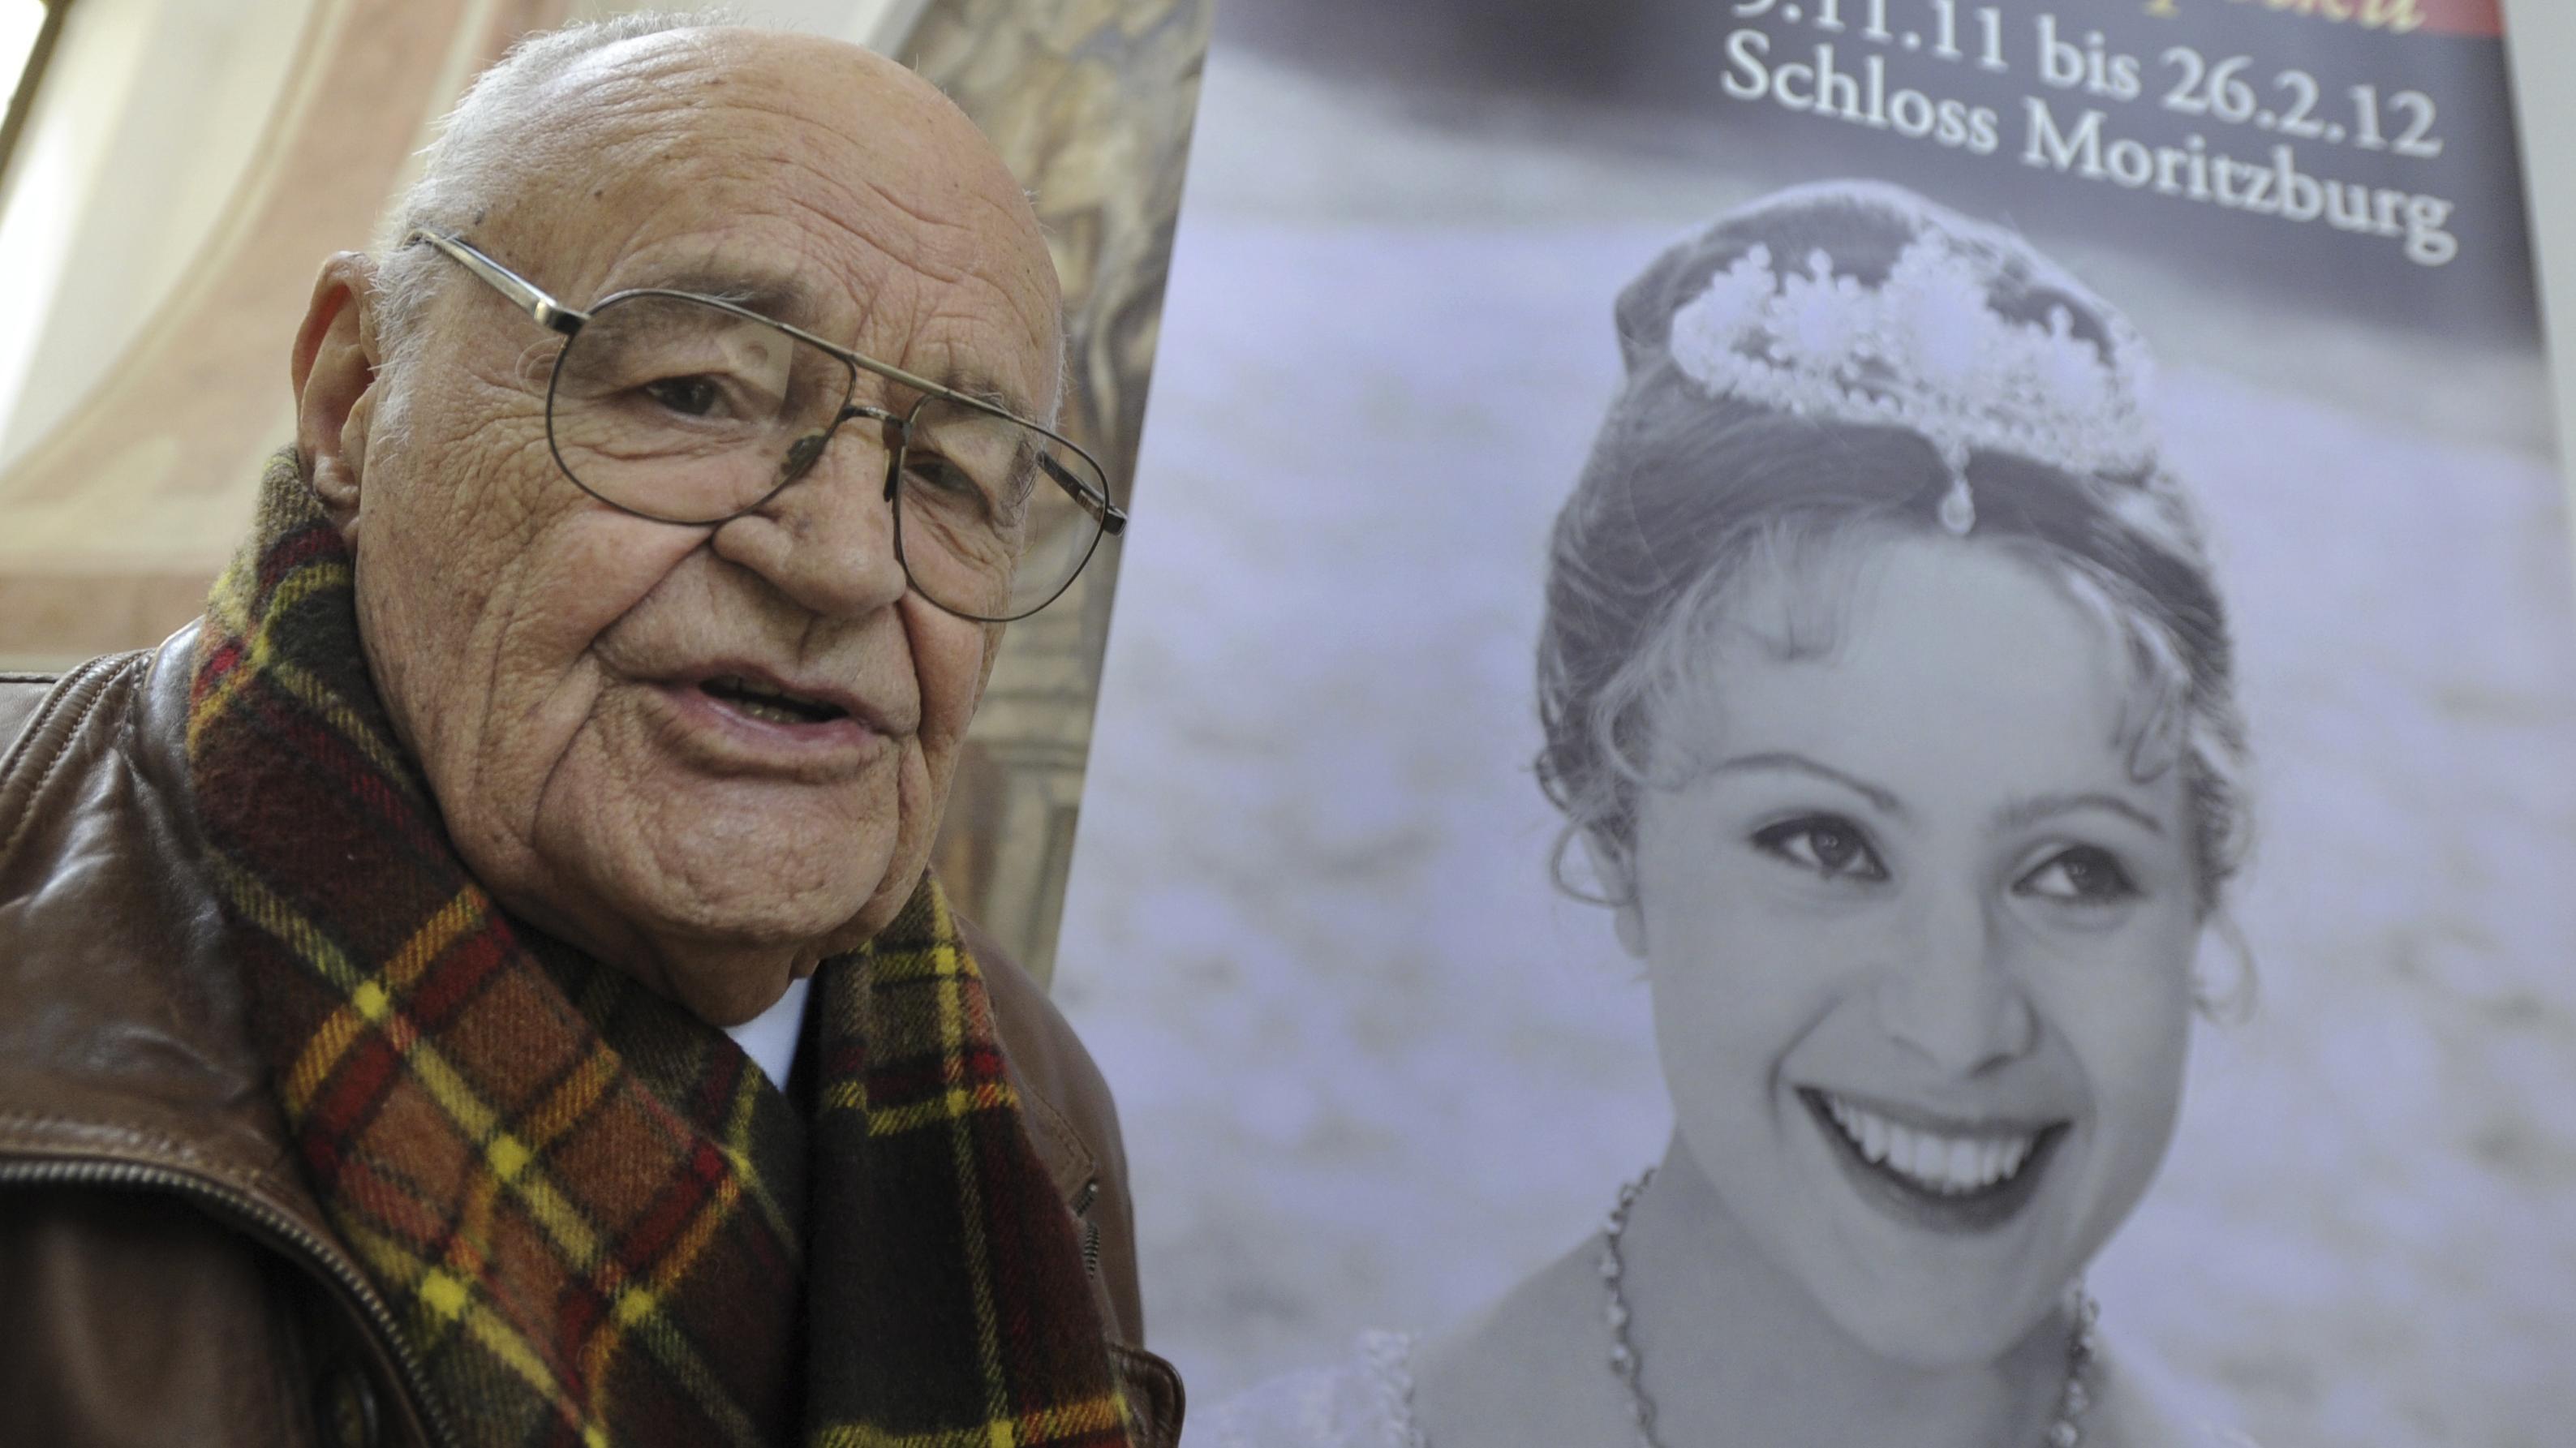 """Regisseur Vaclav Vorlicek im Jahr 2011 in Schloss Moritzburg. Neben ihm ist ein Plakat von """"Drei Haselnüsse für Aschenbrödel""""."""